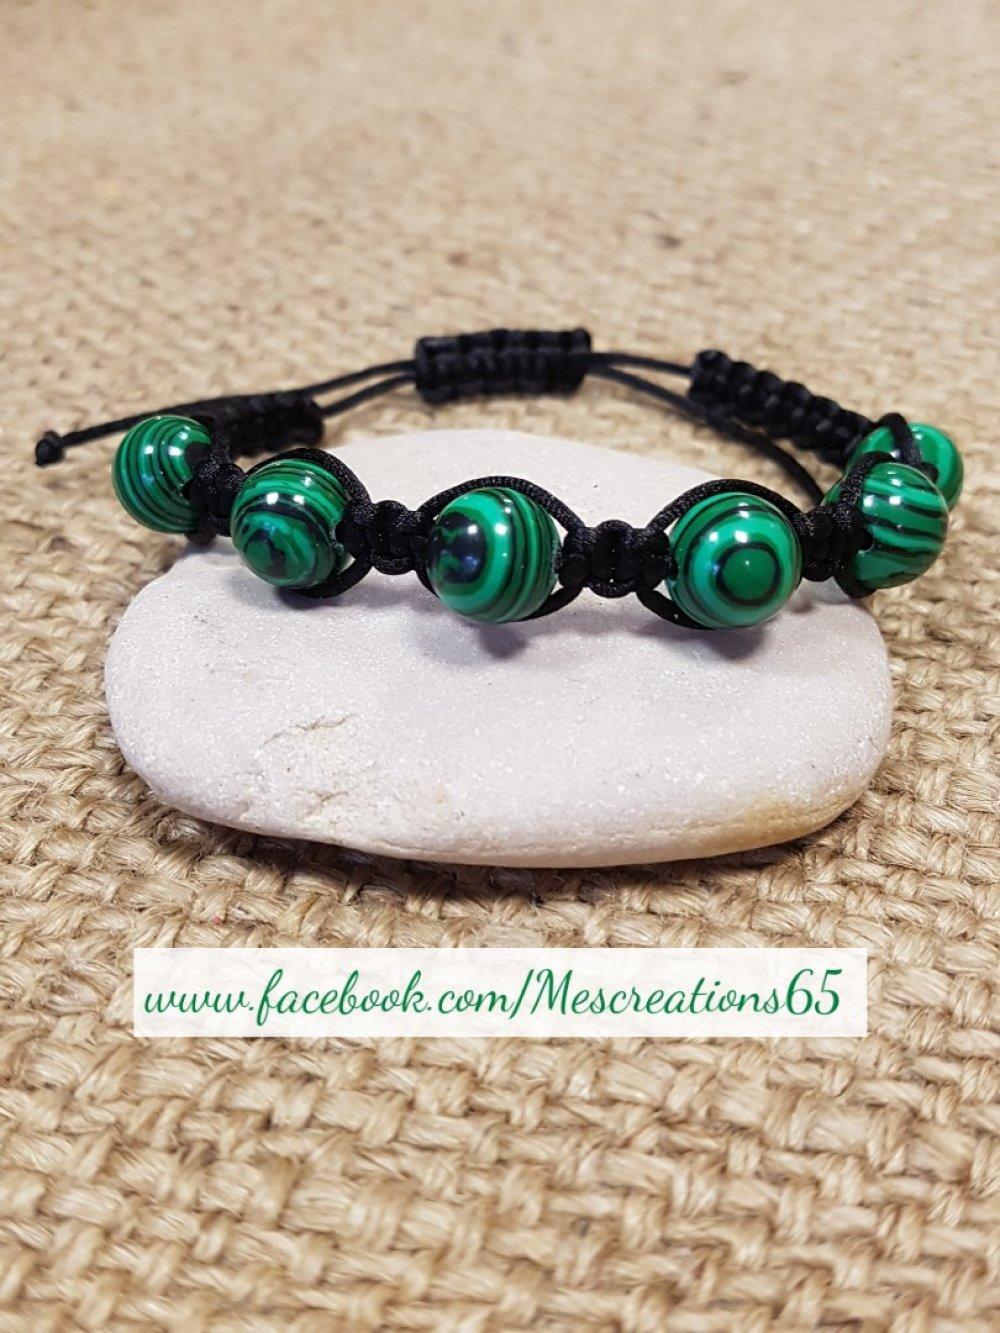 Bracelet shamballa en malachite vertes et fil nylon noir